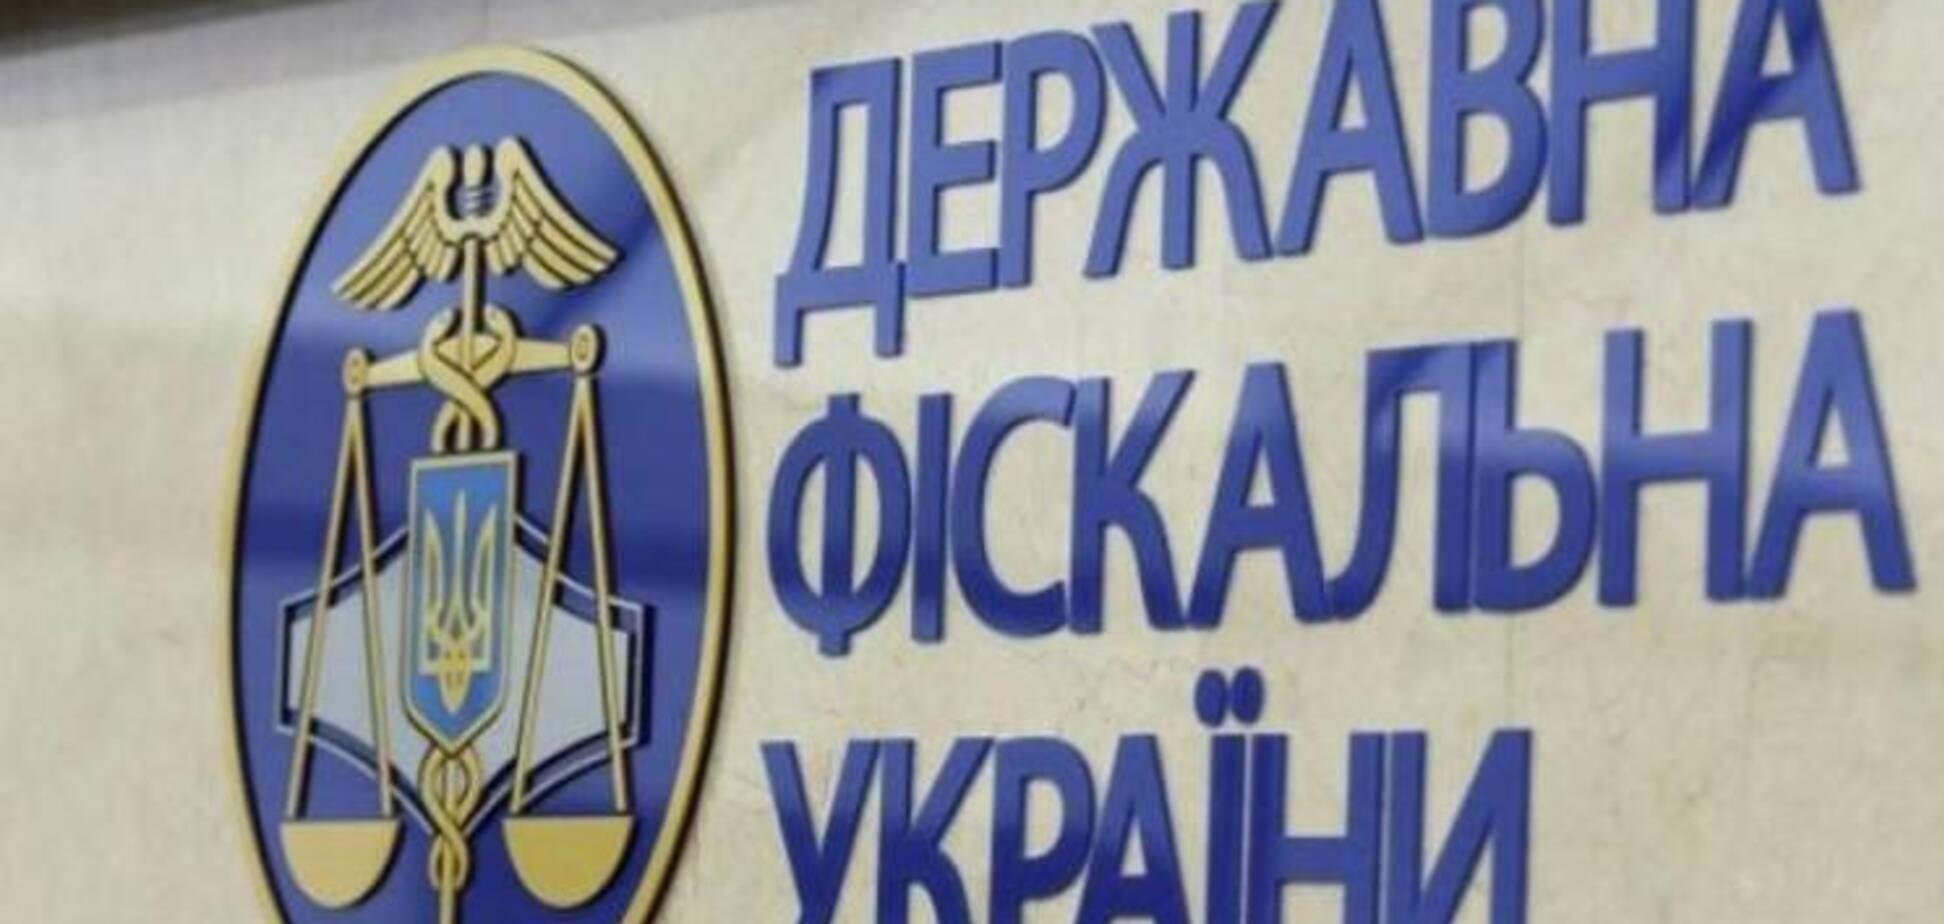 Требовал 500 тысяч взятки: задержан еще один топ-чиновник ГФС